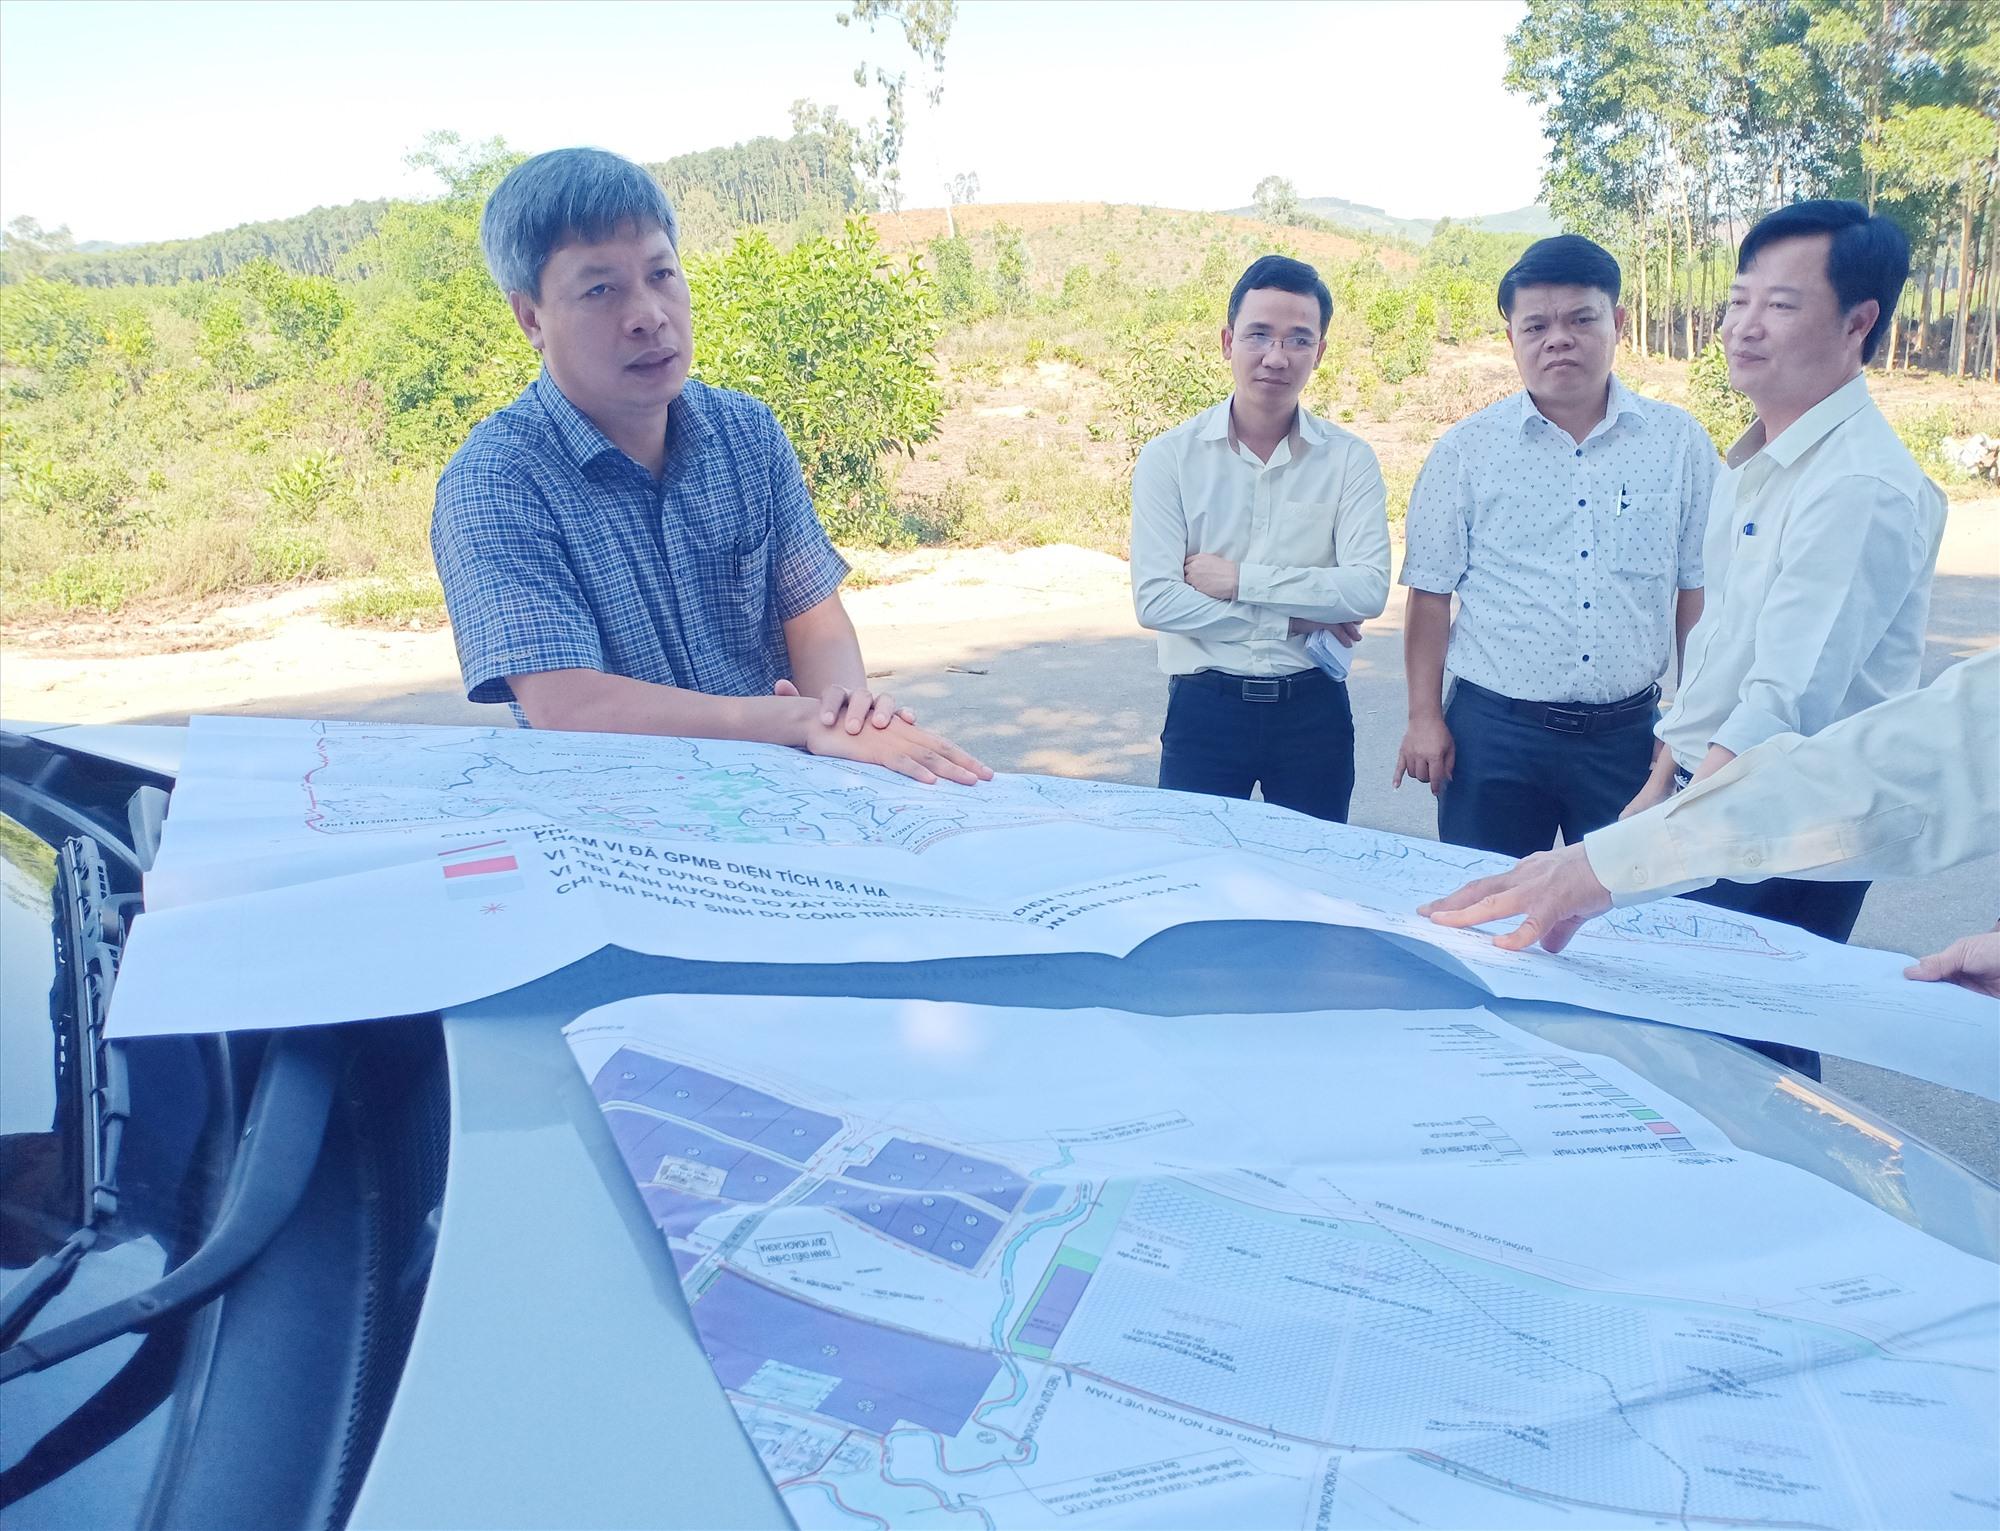 Phó Chủ tịch UBND tỉnh Hồ Quang Bửu giao UBND huyện Núi Thành phối hợp với chủ đầu tư các dự án khẩn trương giải phóng dứt điểm mặt bằng. Ảnh: TR.H